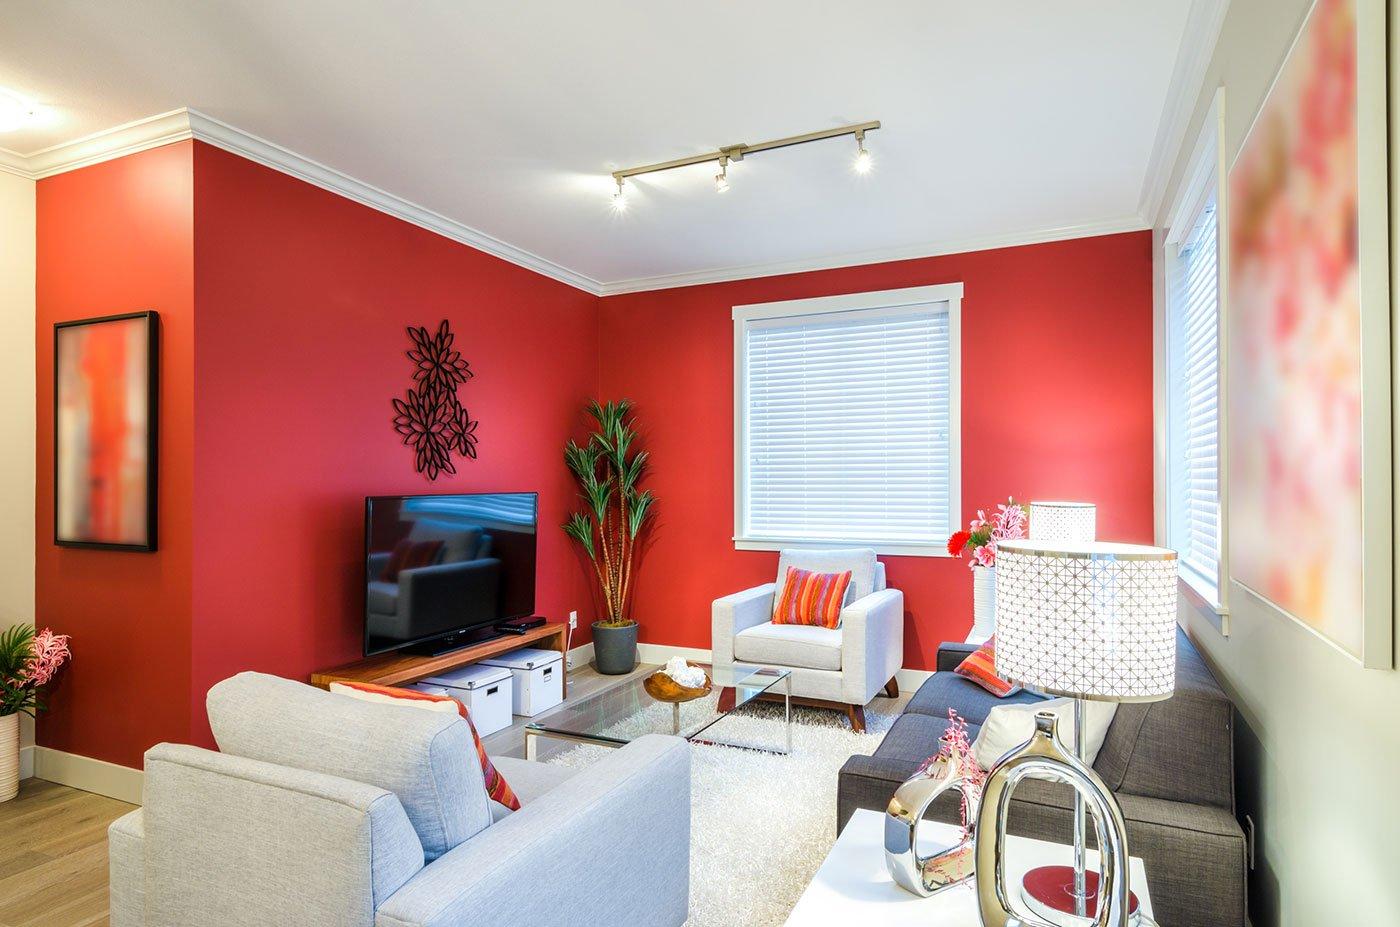 un salotto con un divano grigio,una poltrona celeste, una bianca, una tv sopra a un mobiletto e delle pareti verniciate di rosso